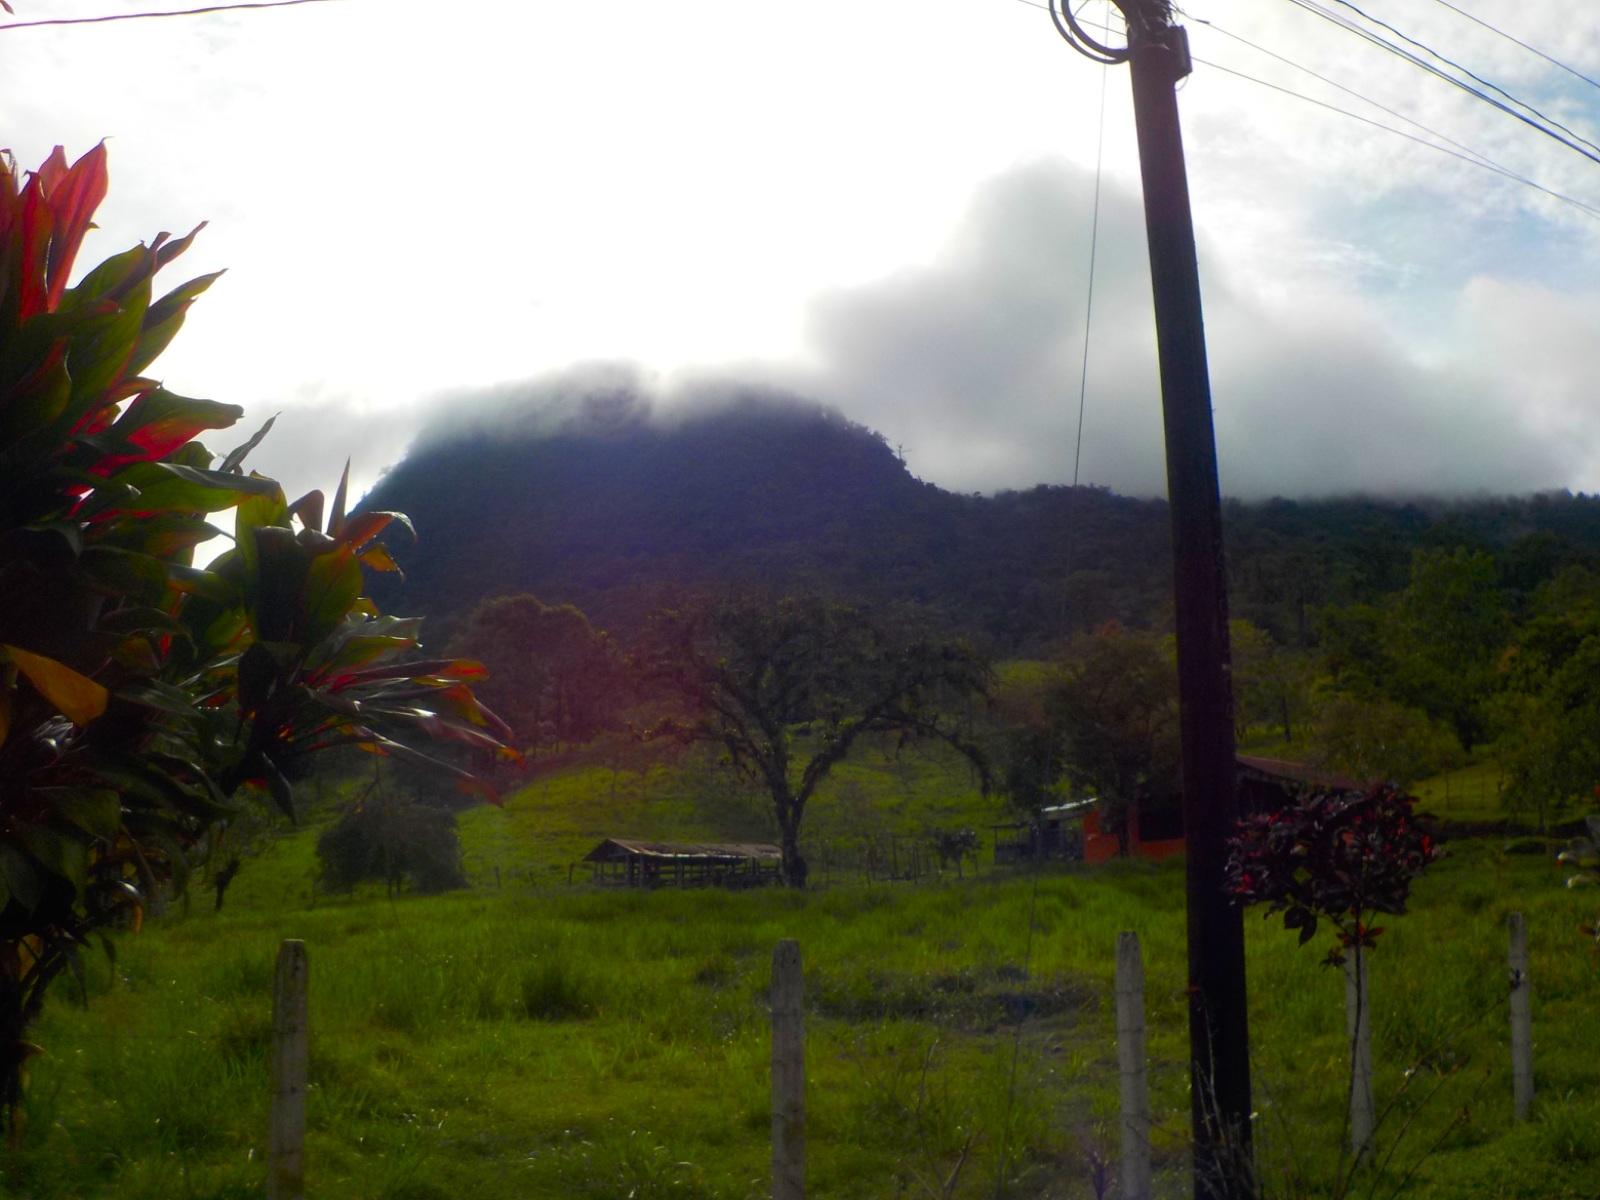 Volcán Cerro Chato, La Fortuna, Costa Rica